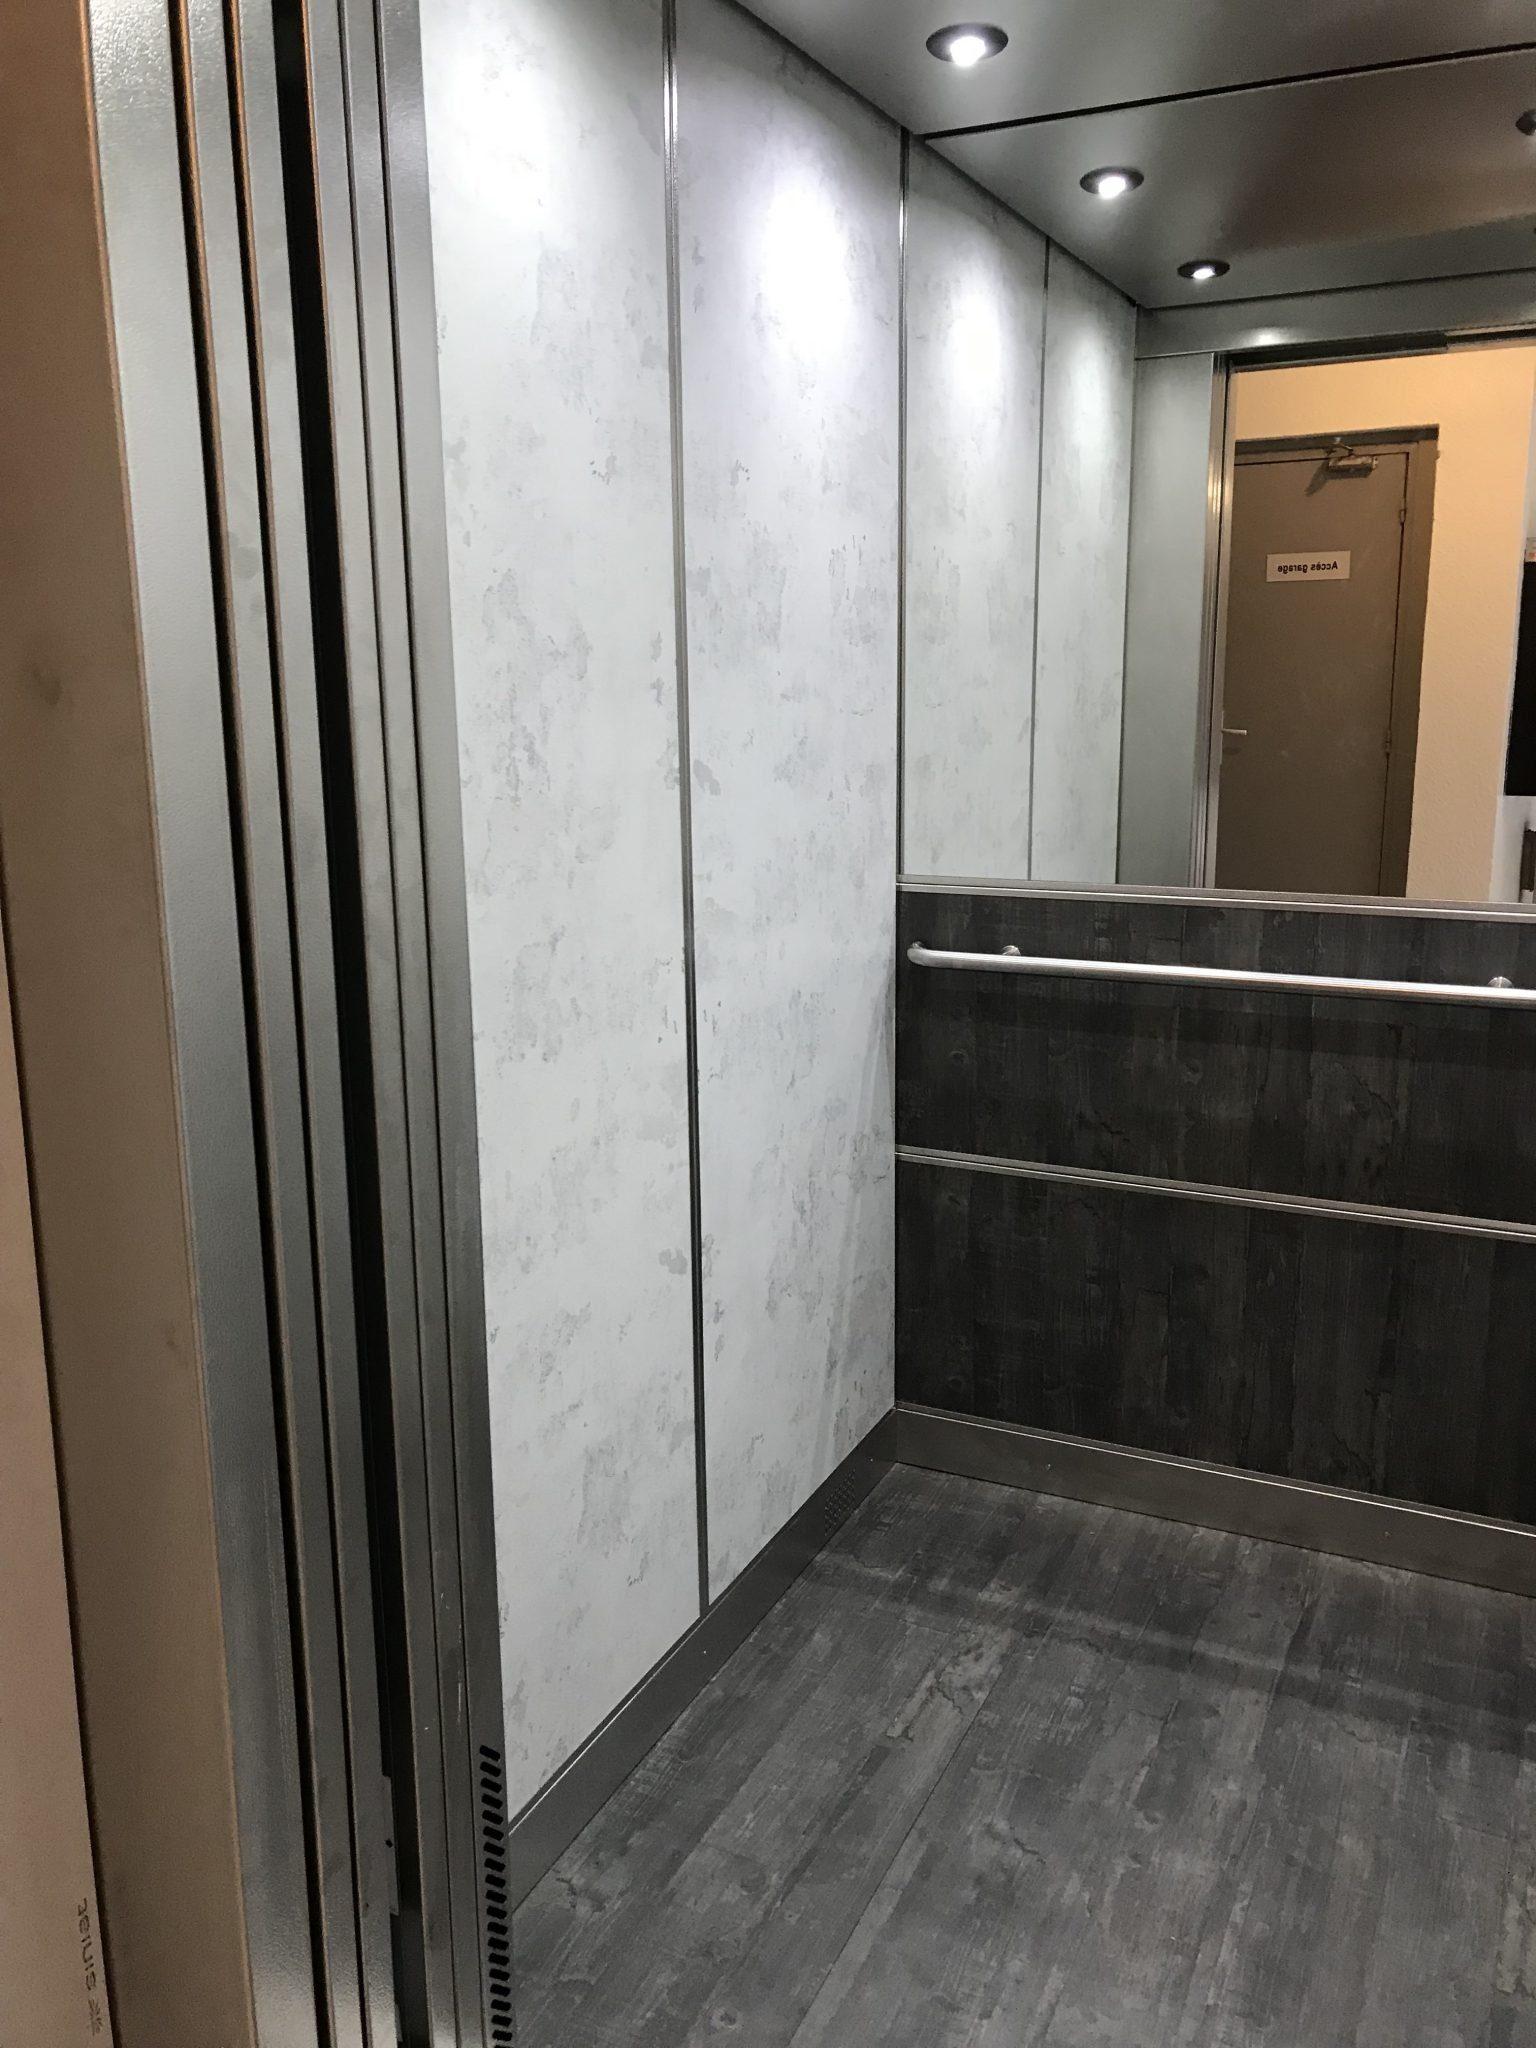 IMG 0057 1 - Découvrez nos nouvelles réalisations de cabine d'ascenseur !